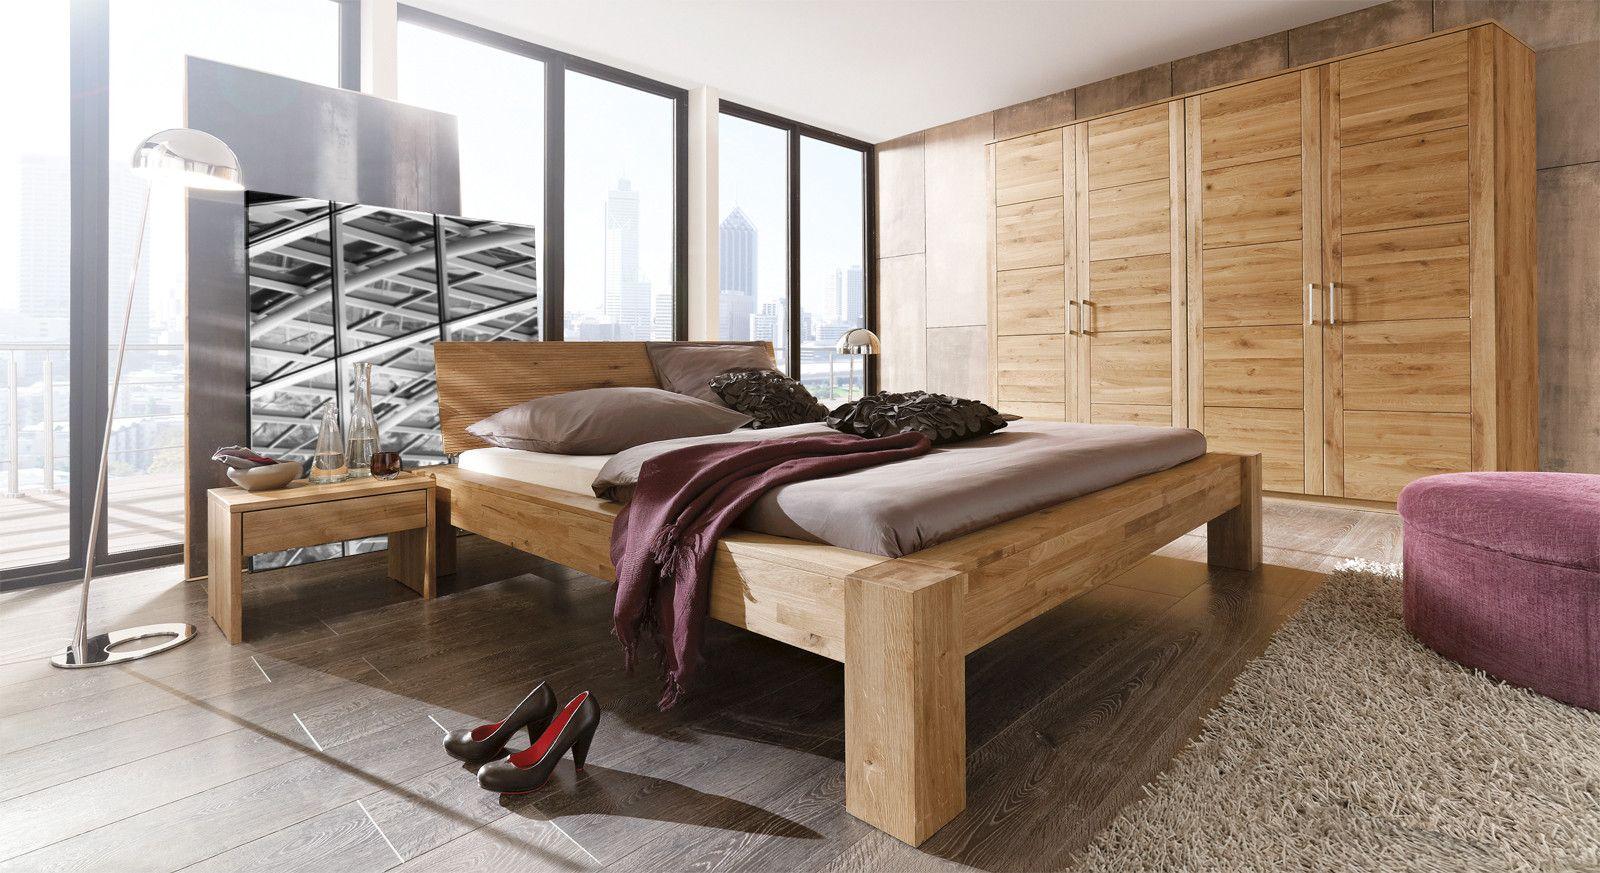 Schlafzimmer Holz Awesome Komplett Schlafzimmer Aus Wildeiche